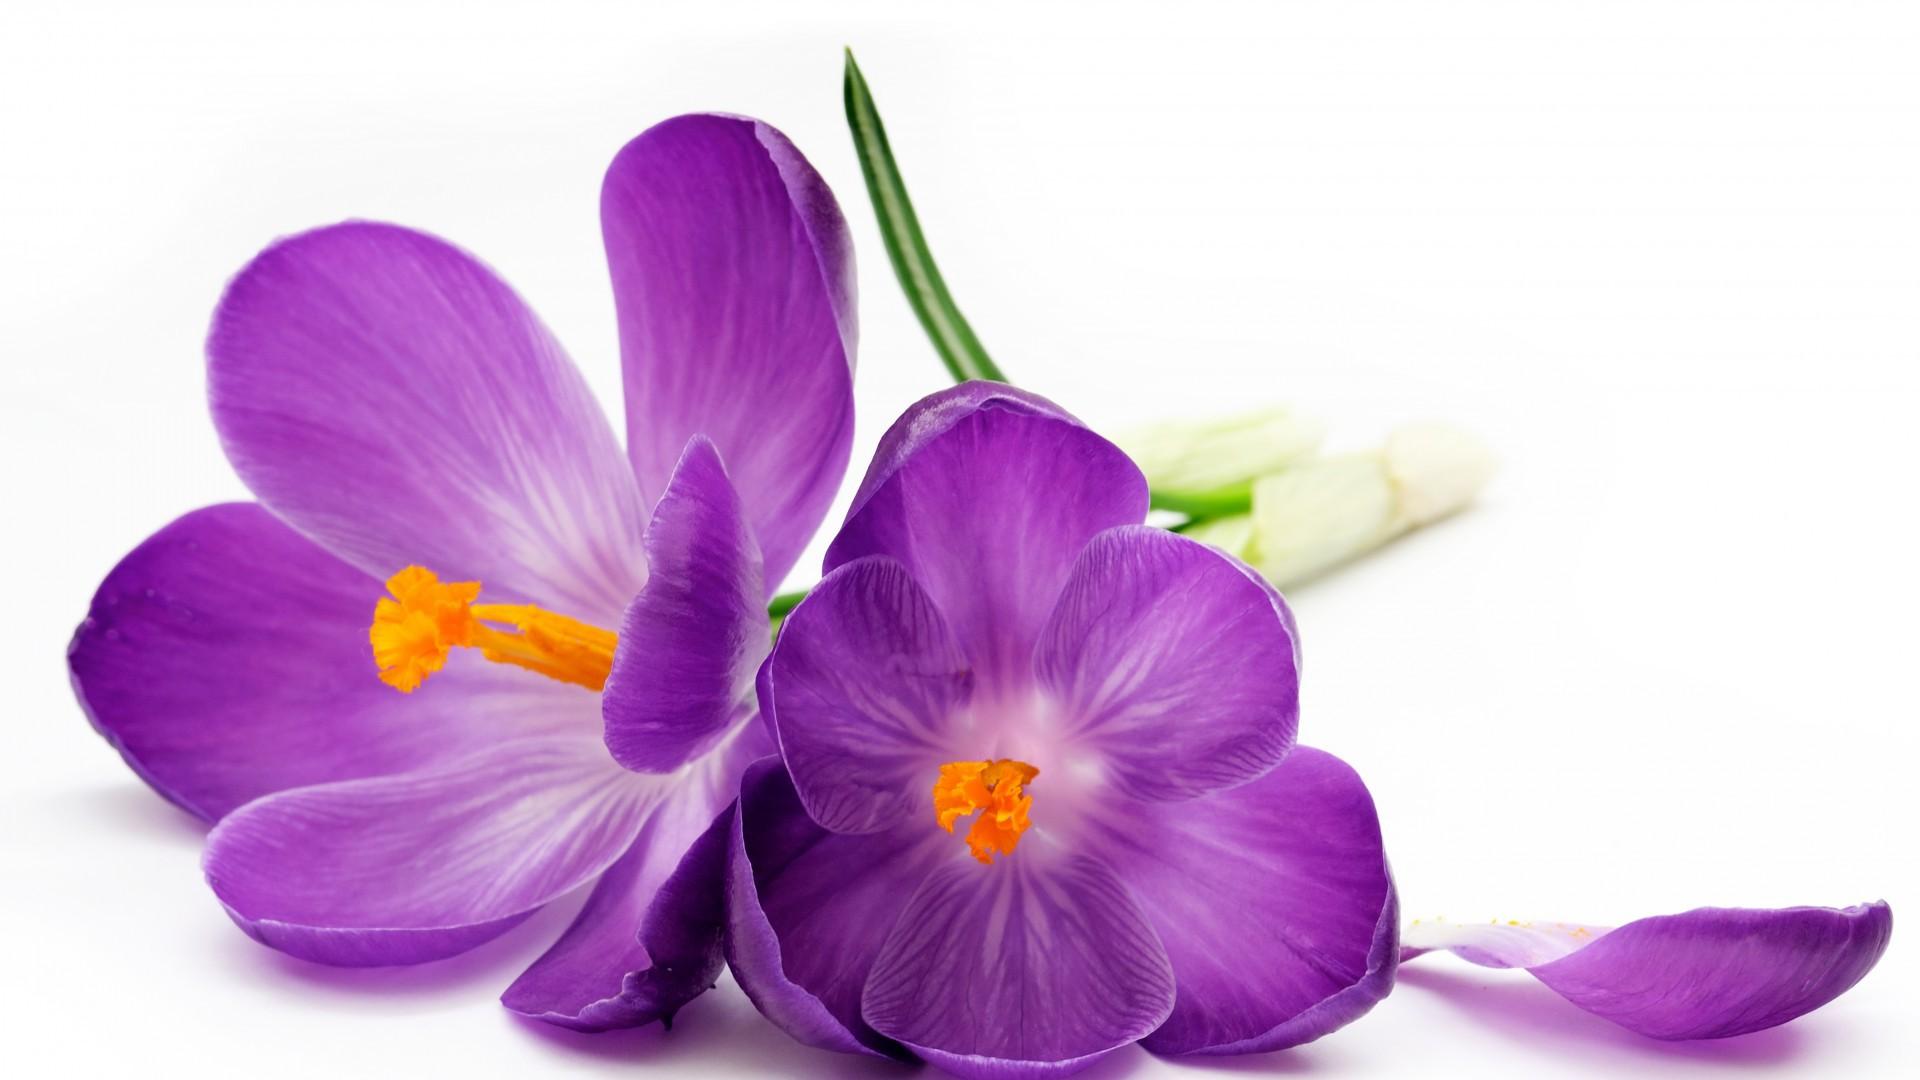 Фото цветок белый фон